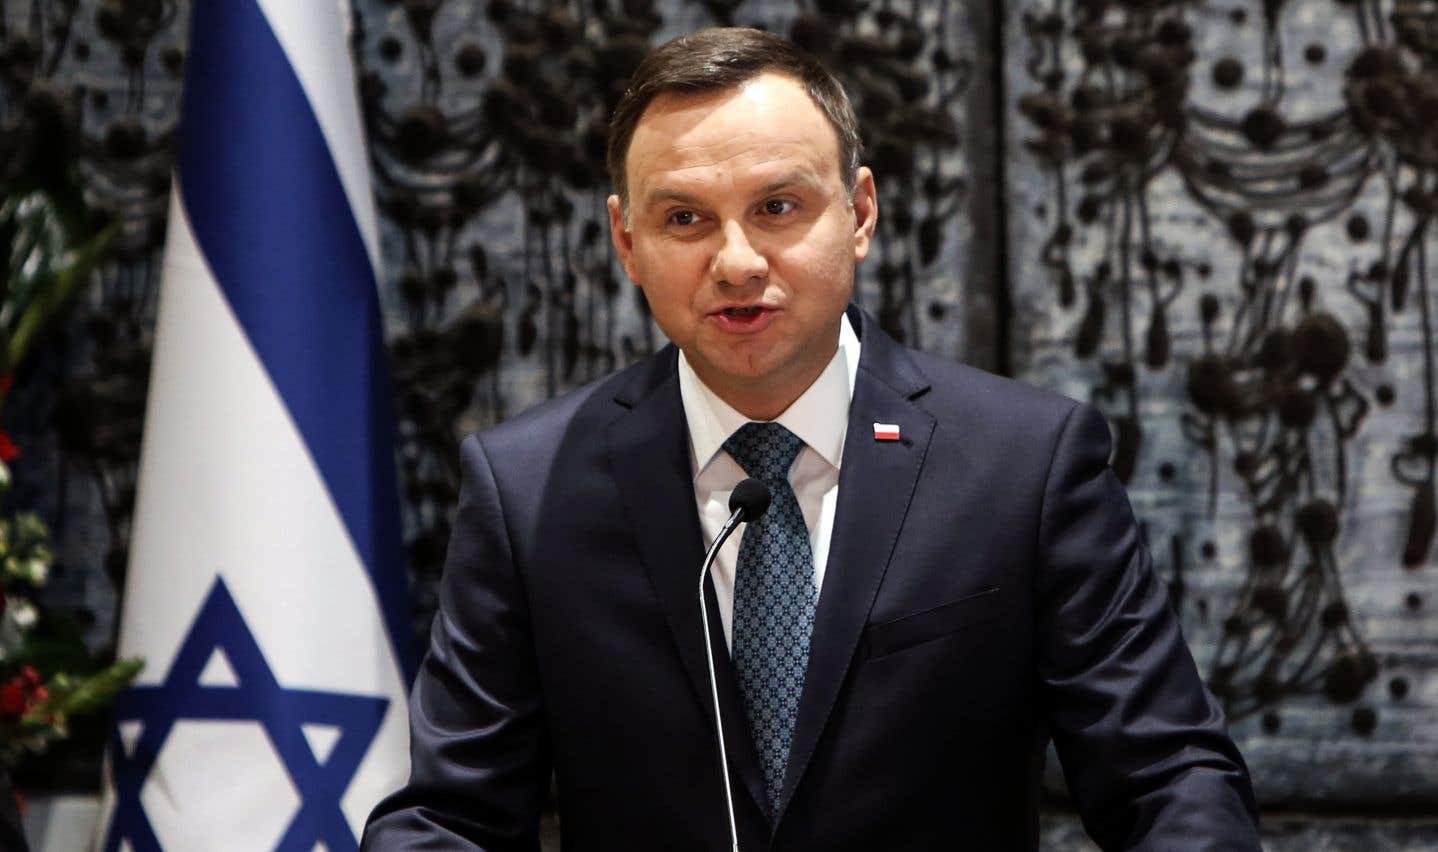 Le président polonais, Andrzej Duda, ici à Jérusalem lors d'un voyage diplomatique en janvier 2017, devra signer la loi pour qu'elle entre en vigueur.